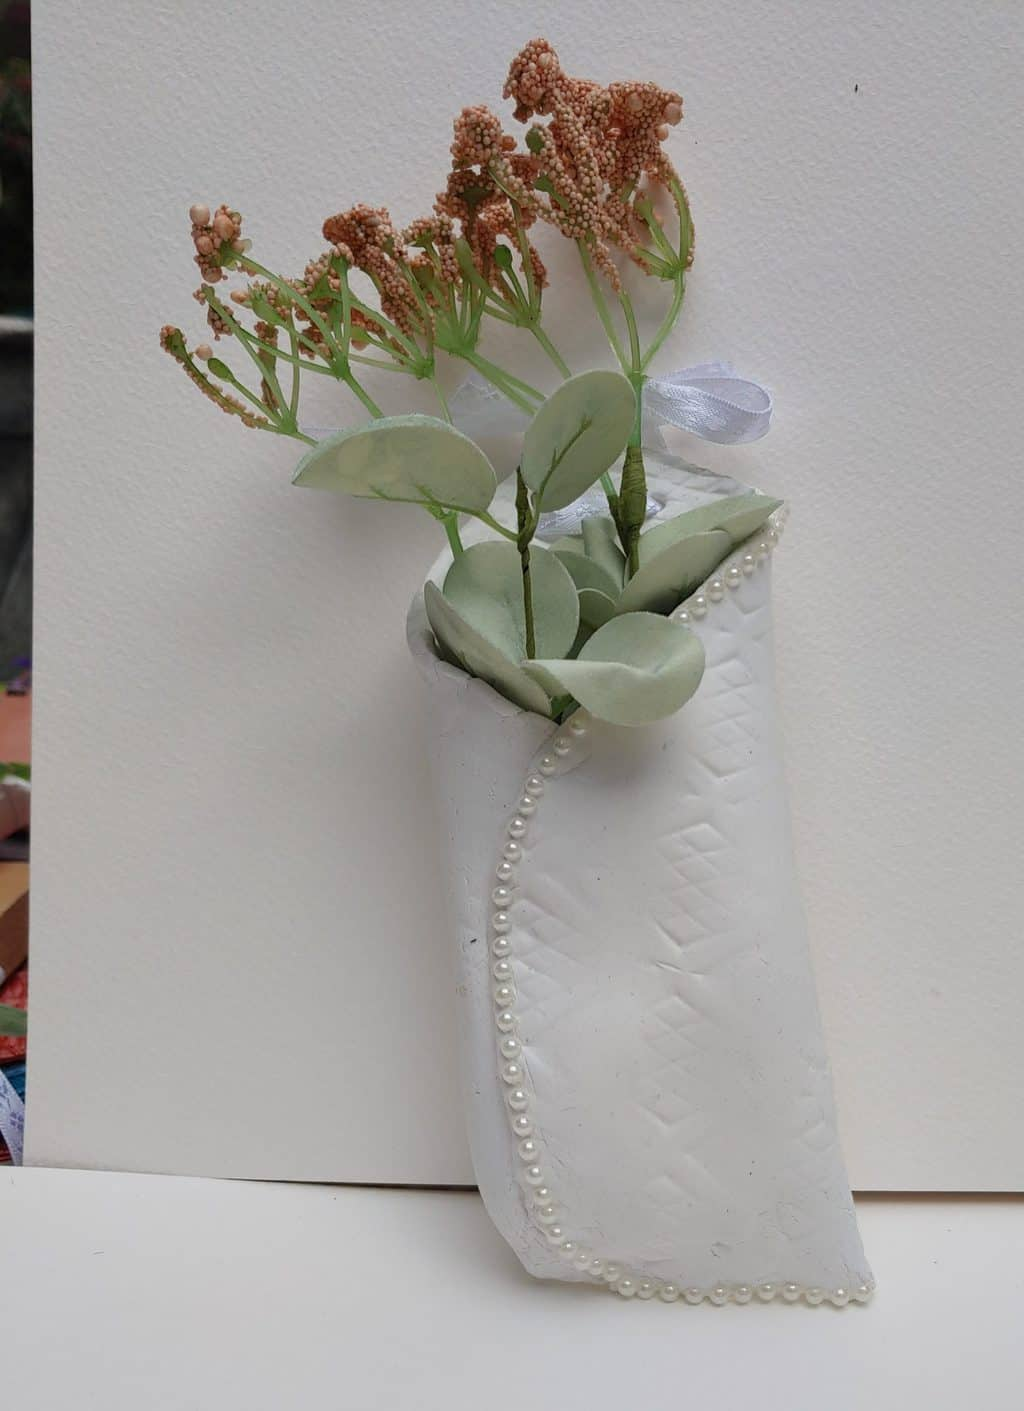 Wall Pockets/Vases